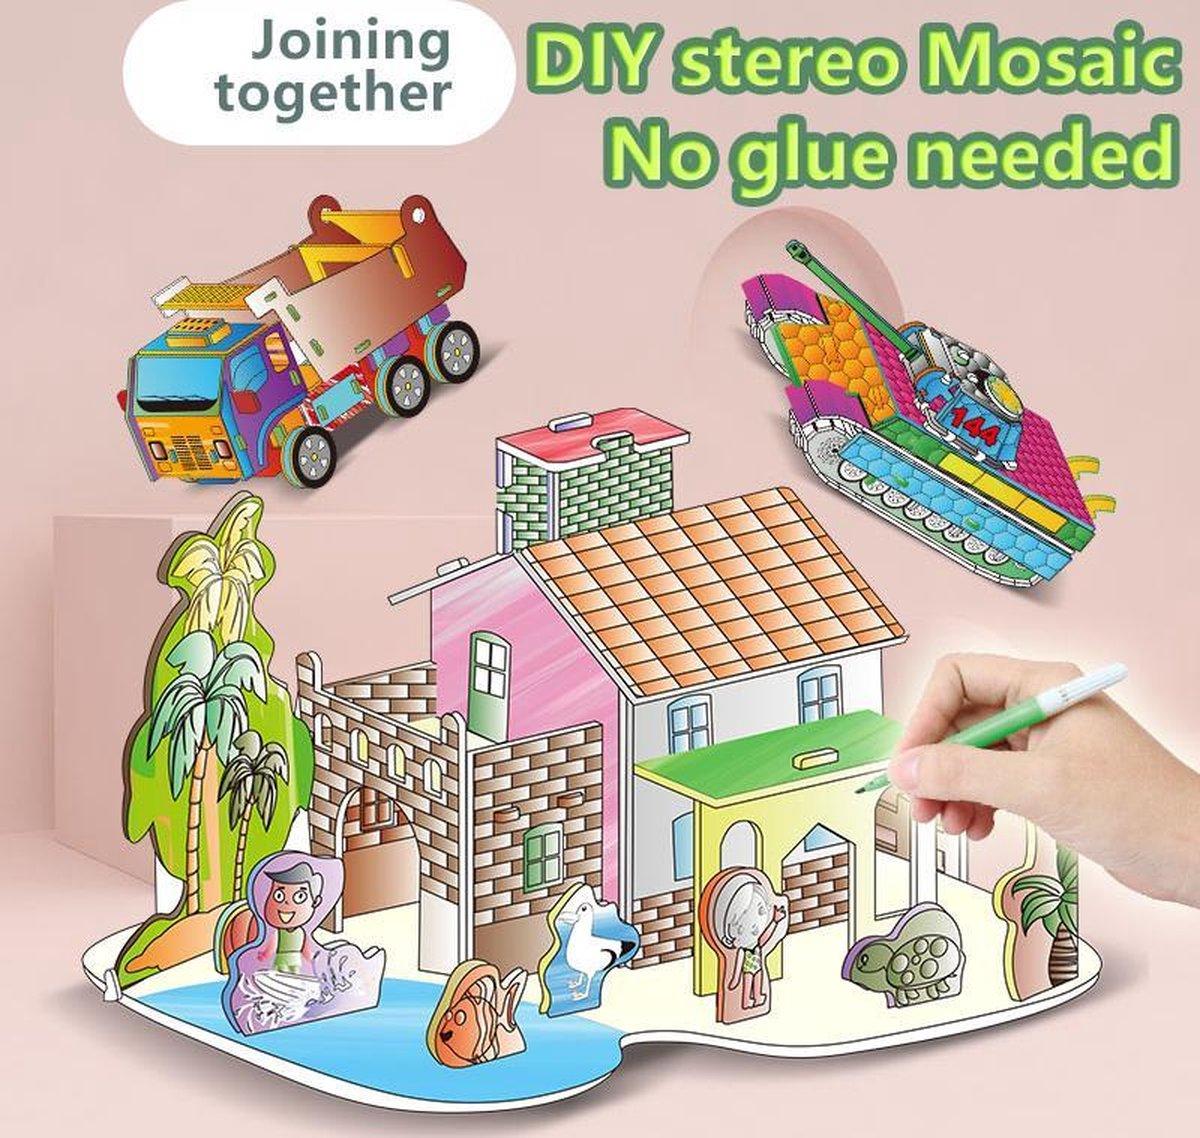 3D Puzzel 'Villa A&D 2 in 1 Set' Speelgoed voor kinderen - Jongens En Meisjes - Voertuigen - Villa - Kasteel - Tekenen - Kleuren - Knutselen - Vanaf 3 Jaar Oud - Leerzaam